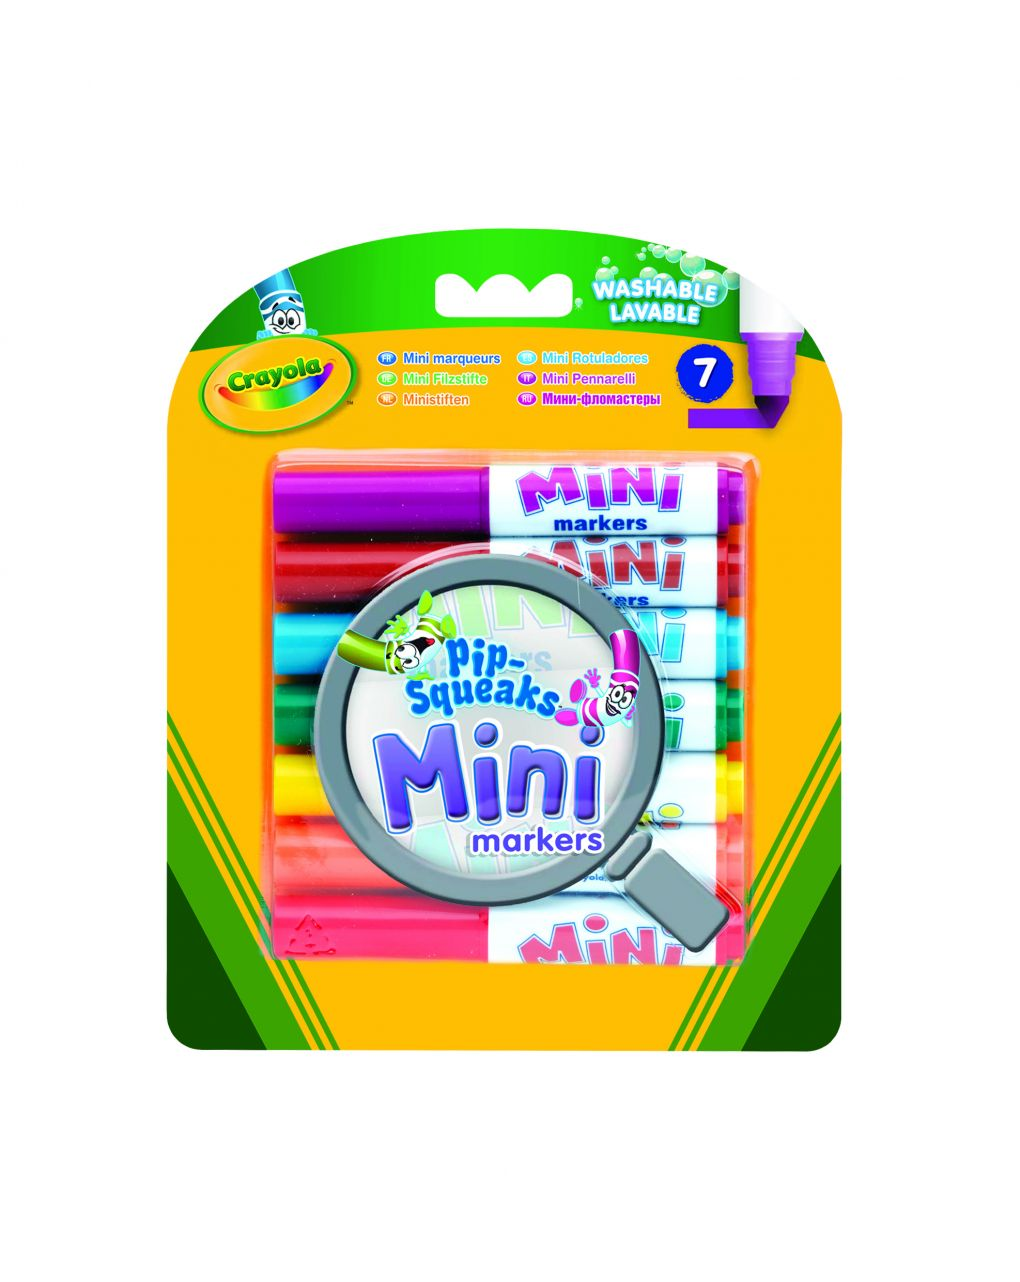 Crayola - mini marcadores - Crayola